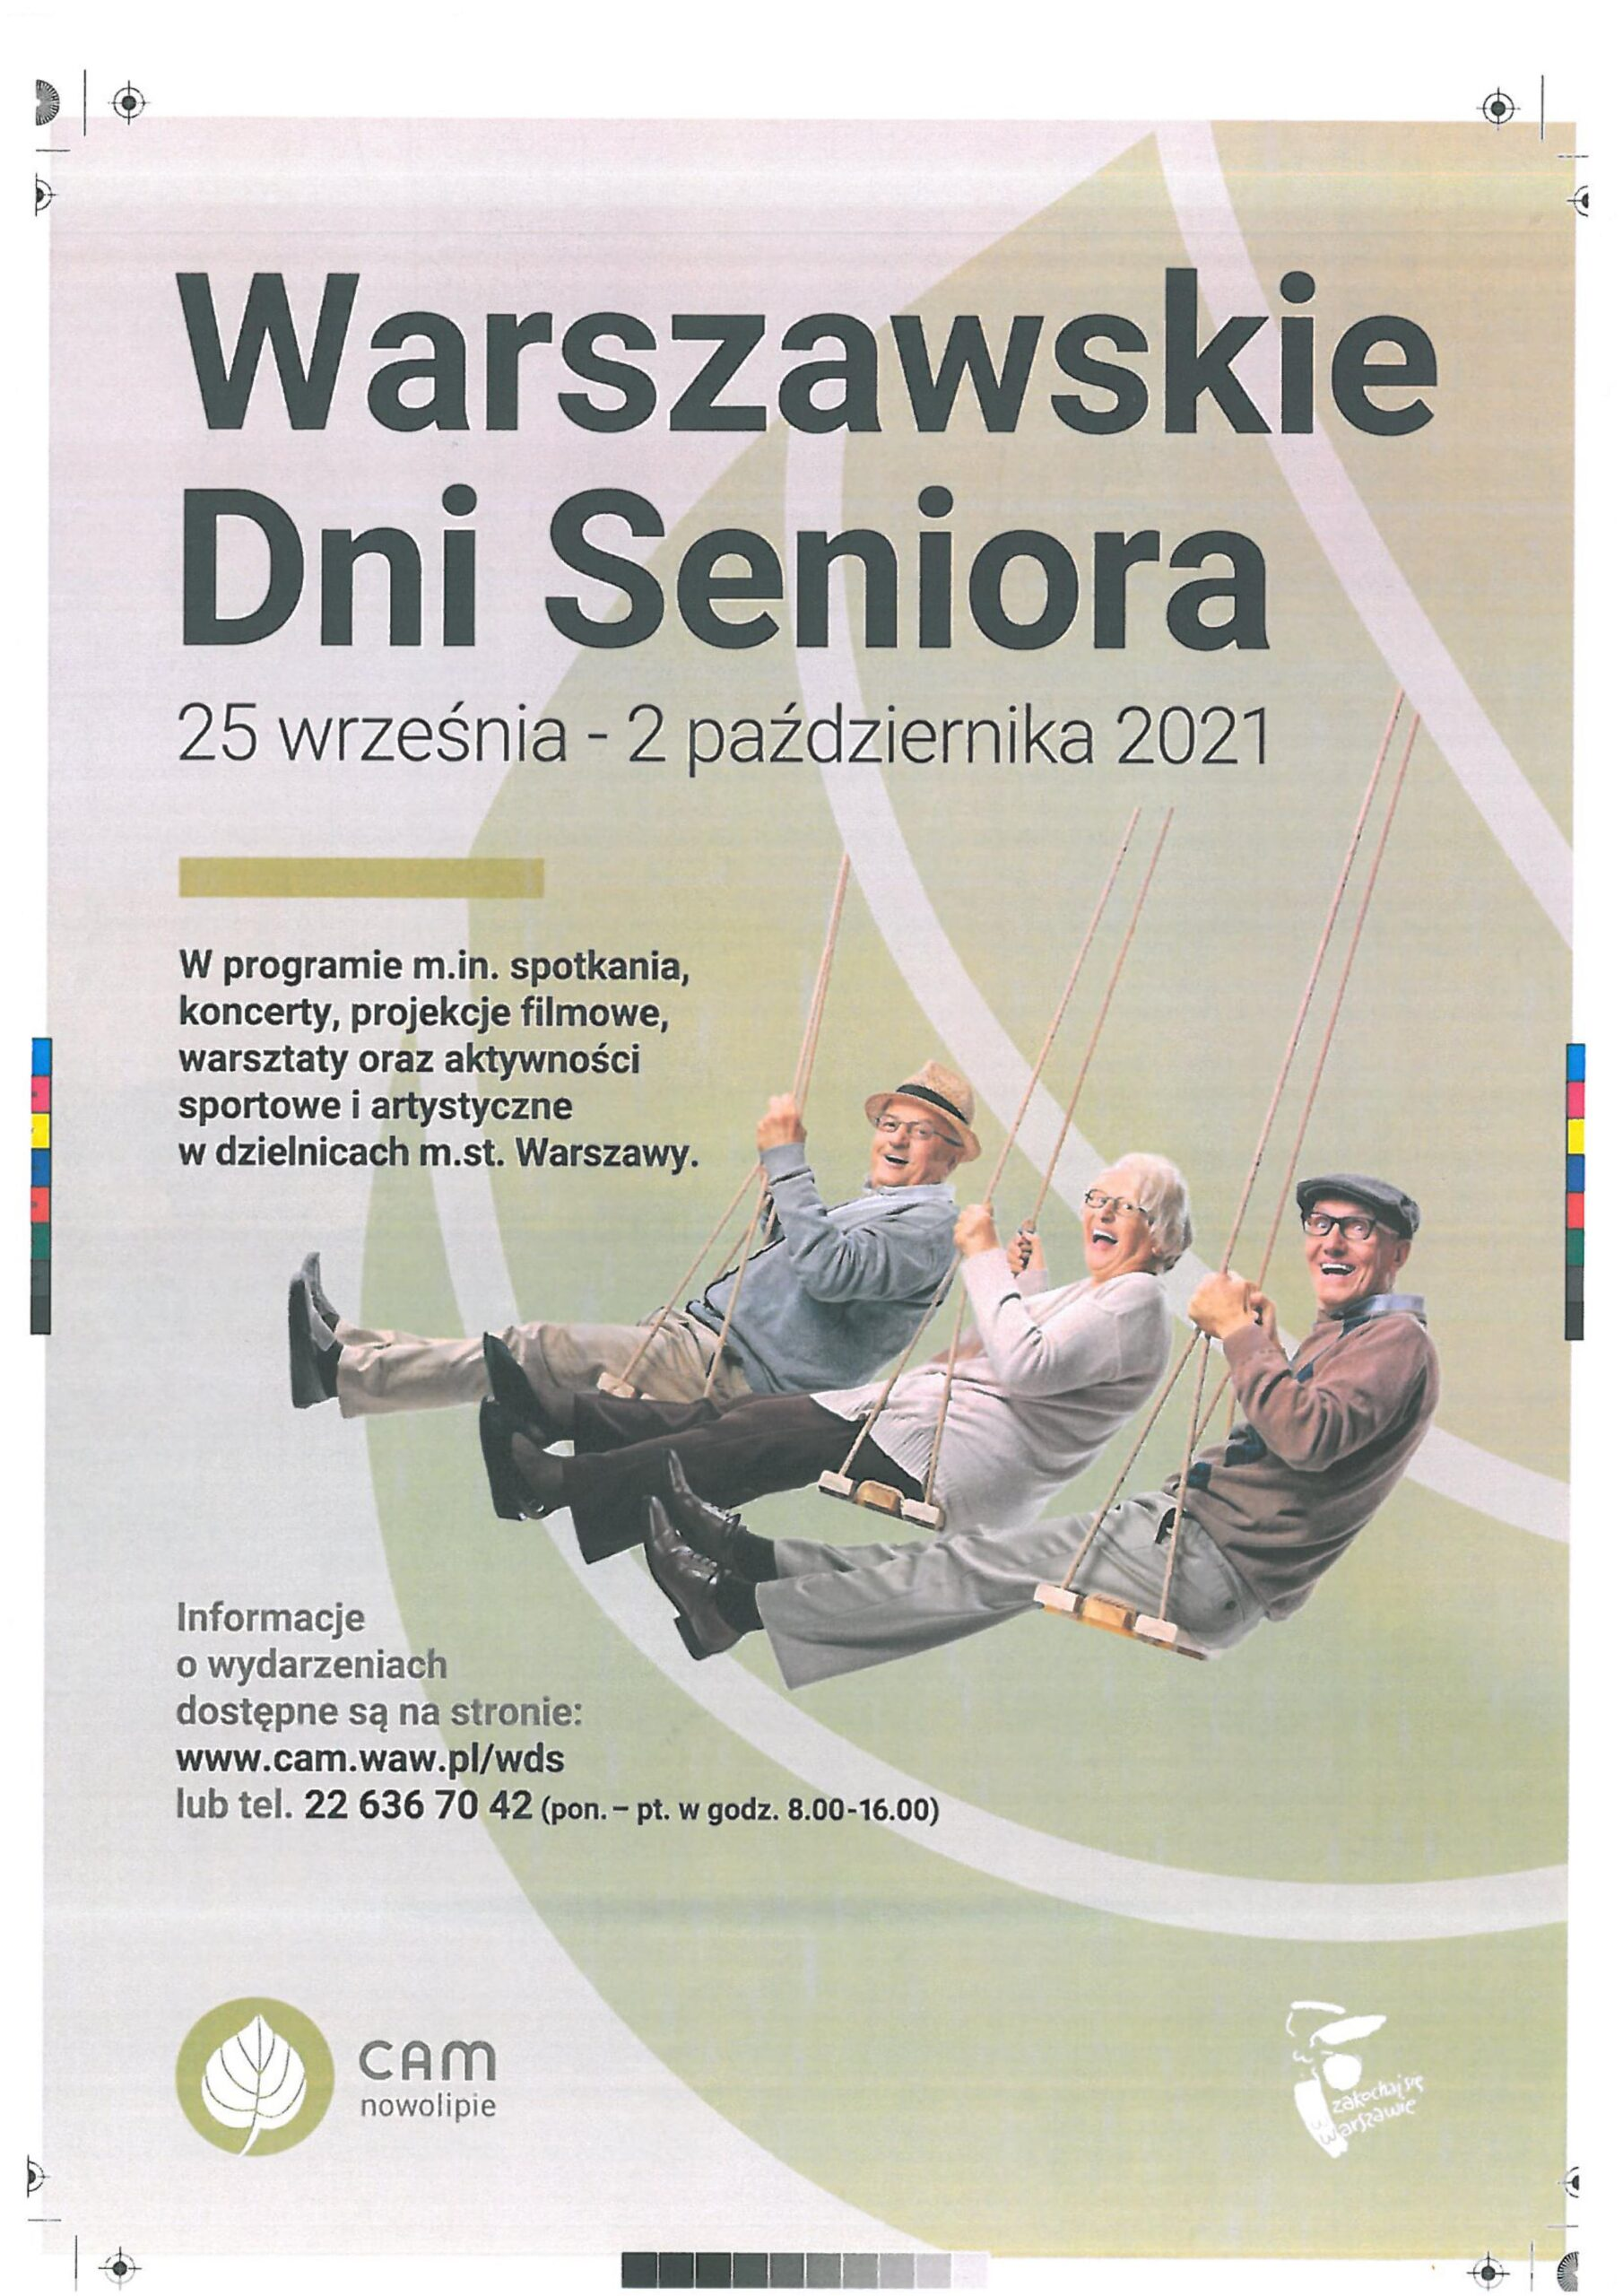 plakat promujący warszawskie dni seniora 2021r.